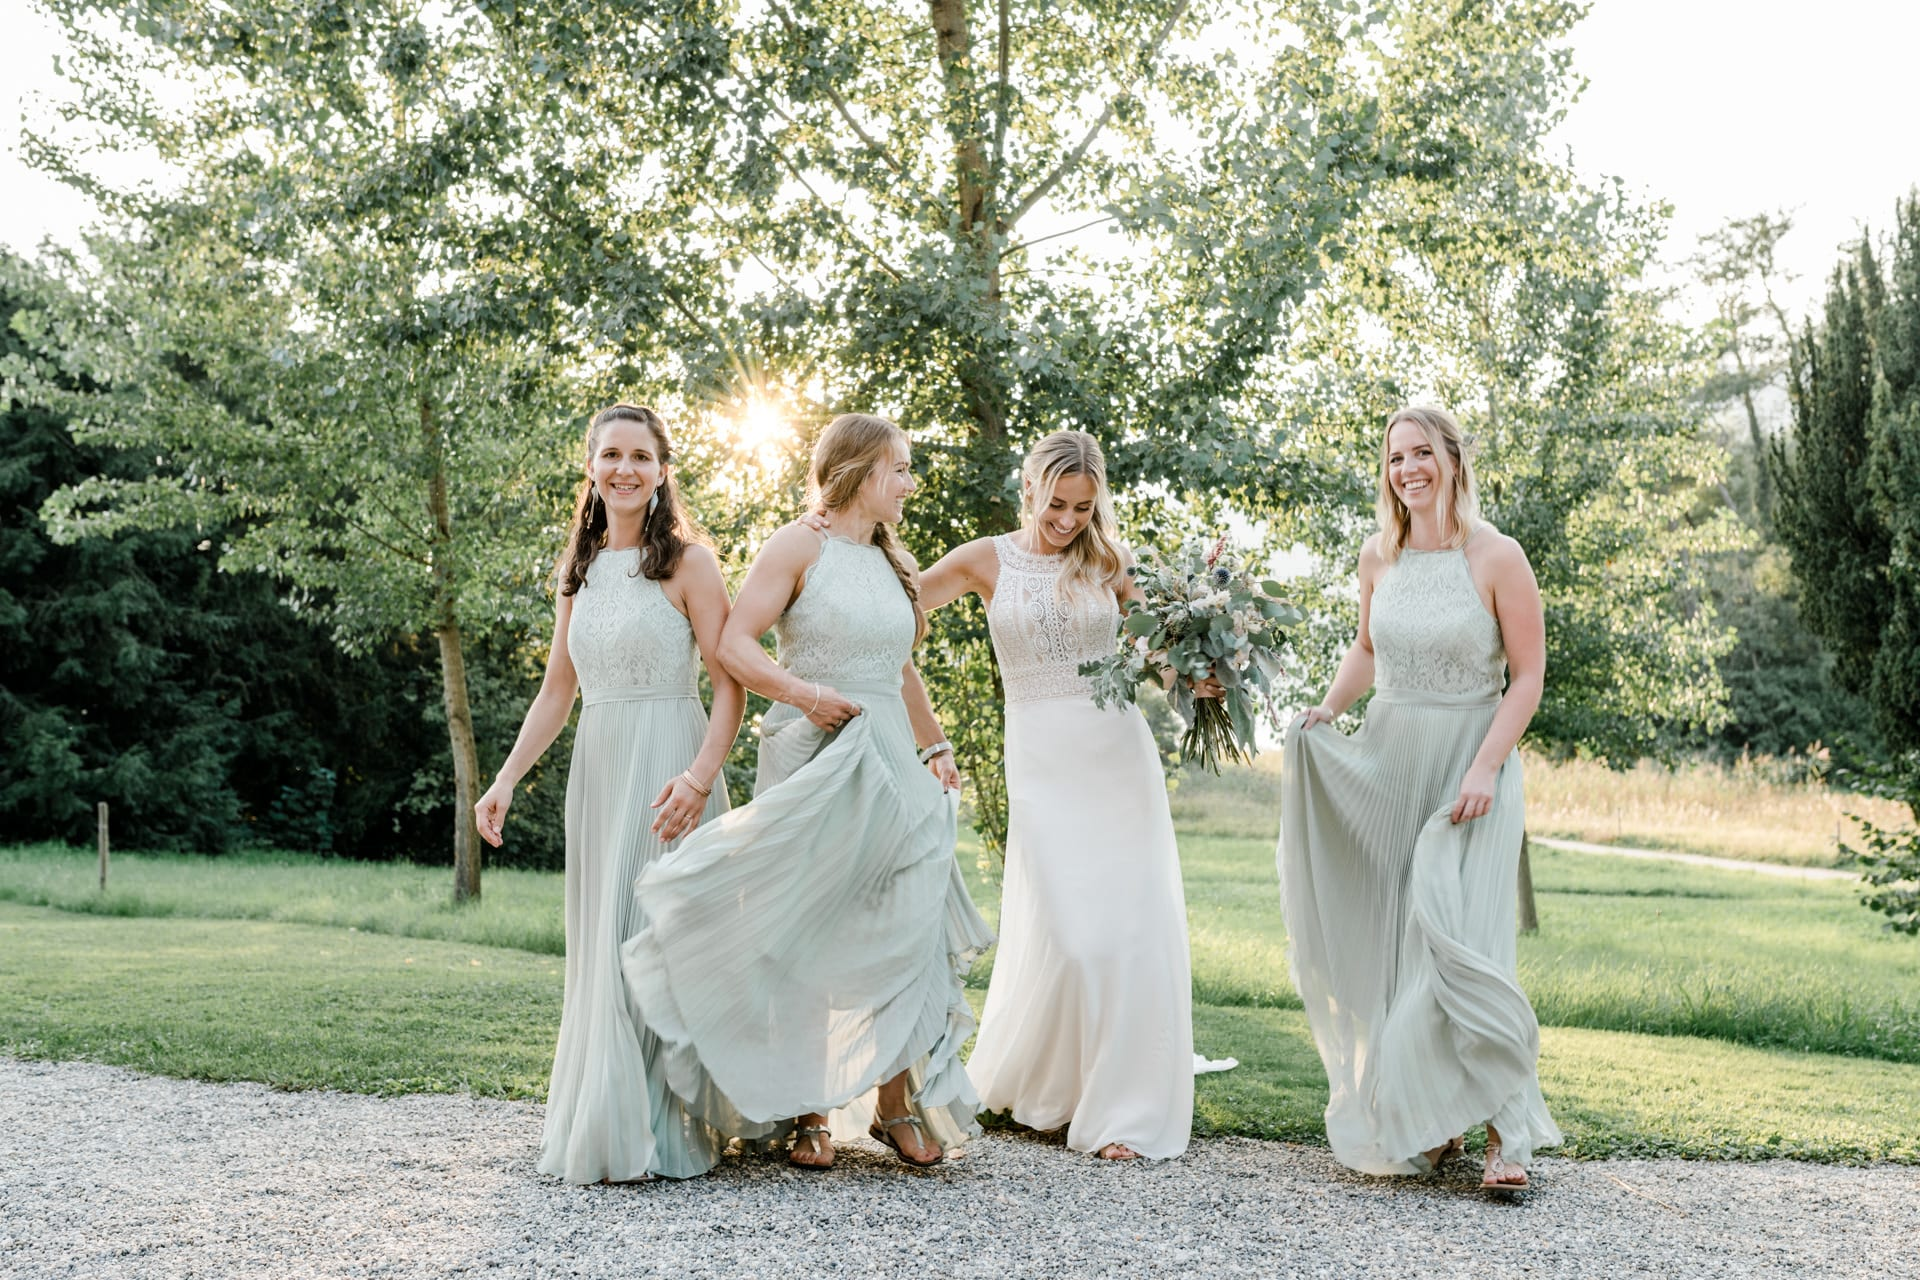 Emotionen der sommerlichen Hochzeit am Bielersee festgehalten durch die Hochzeitsfotografin